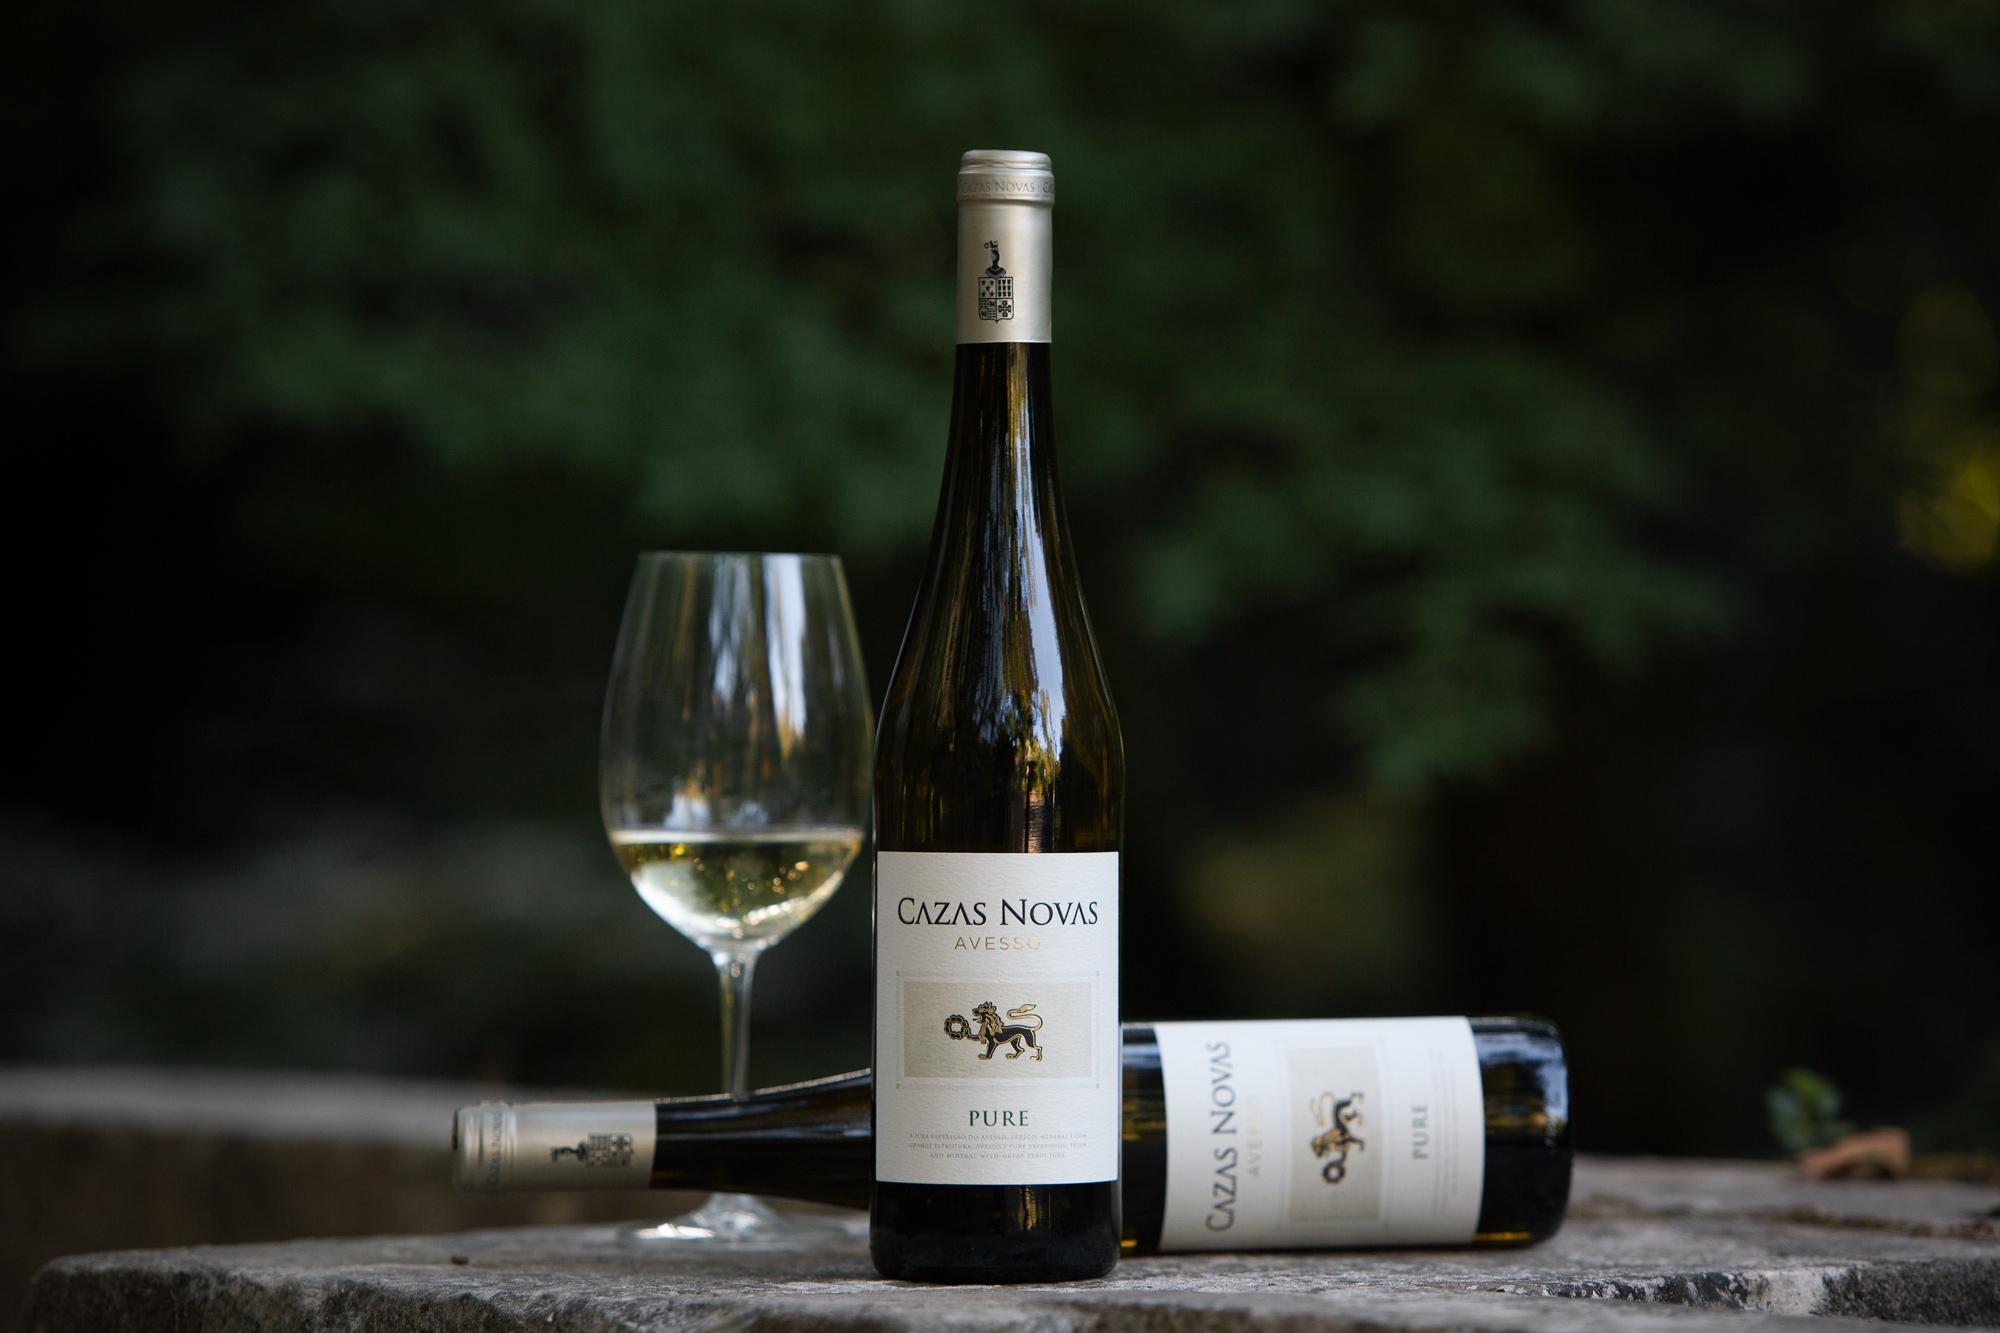 Cazas Novas Wine From Portugal by Moço Wine Branding